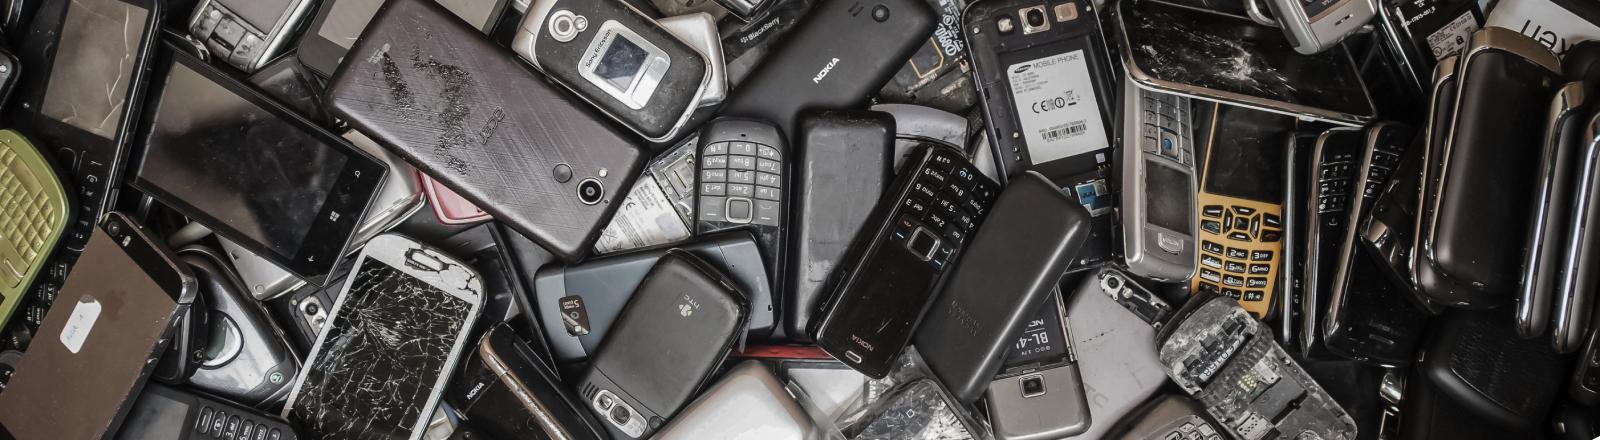 Alte Telefone in einer Lagerhalle im belgischen Beringen, aufgenommen im Juli 2018